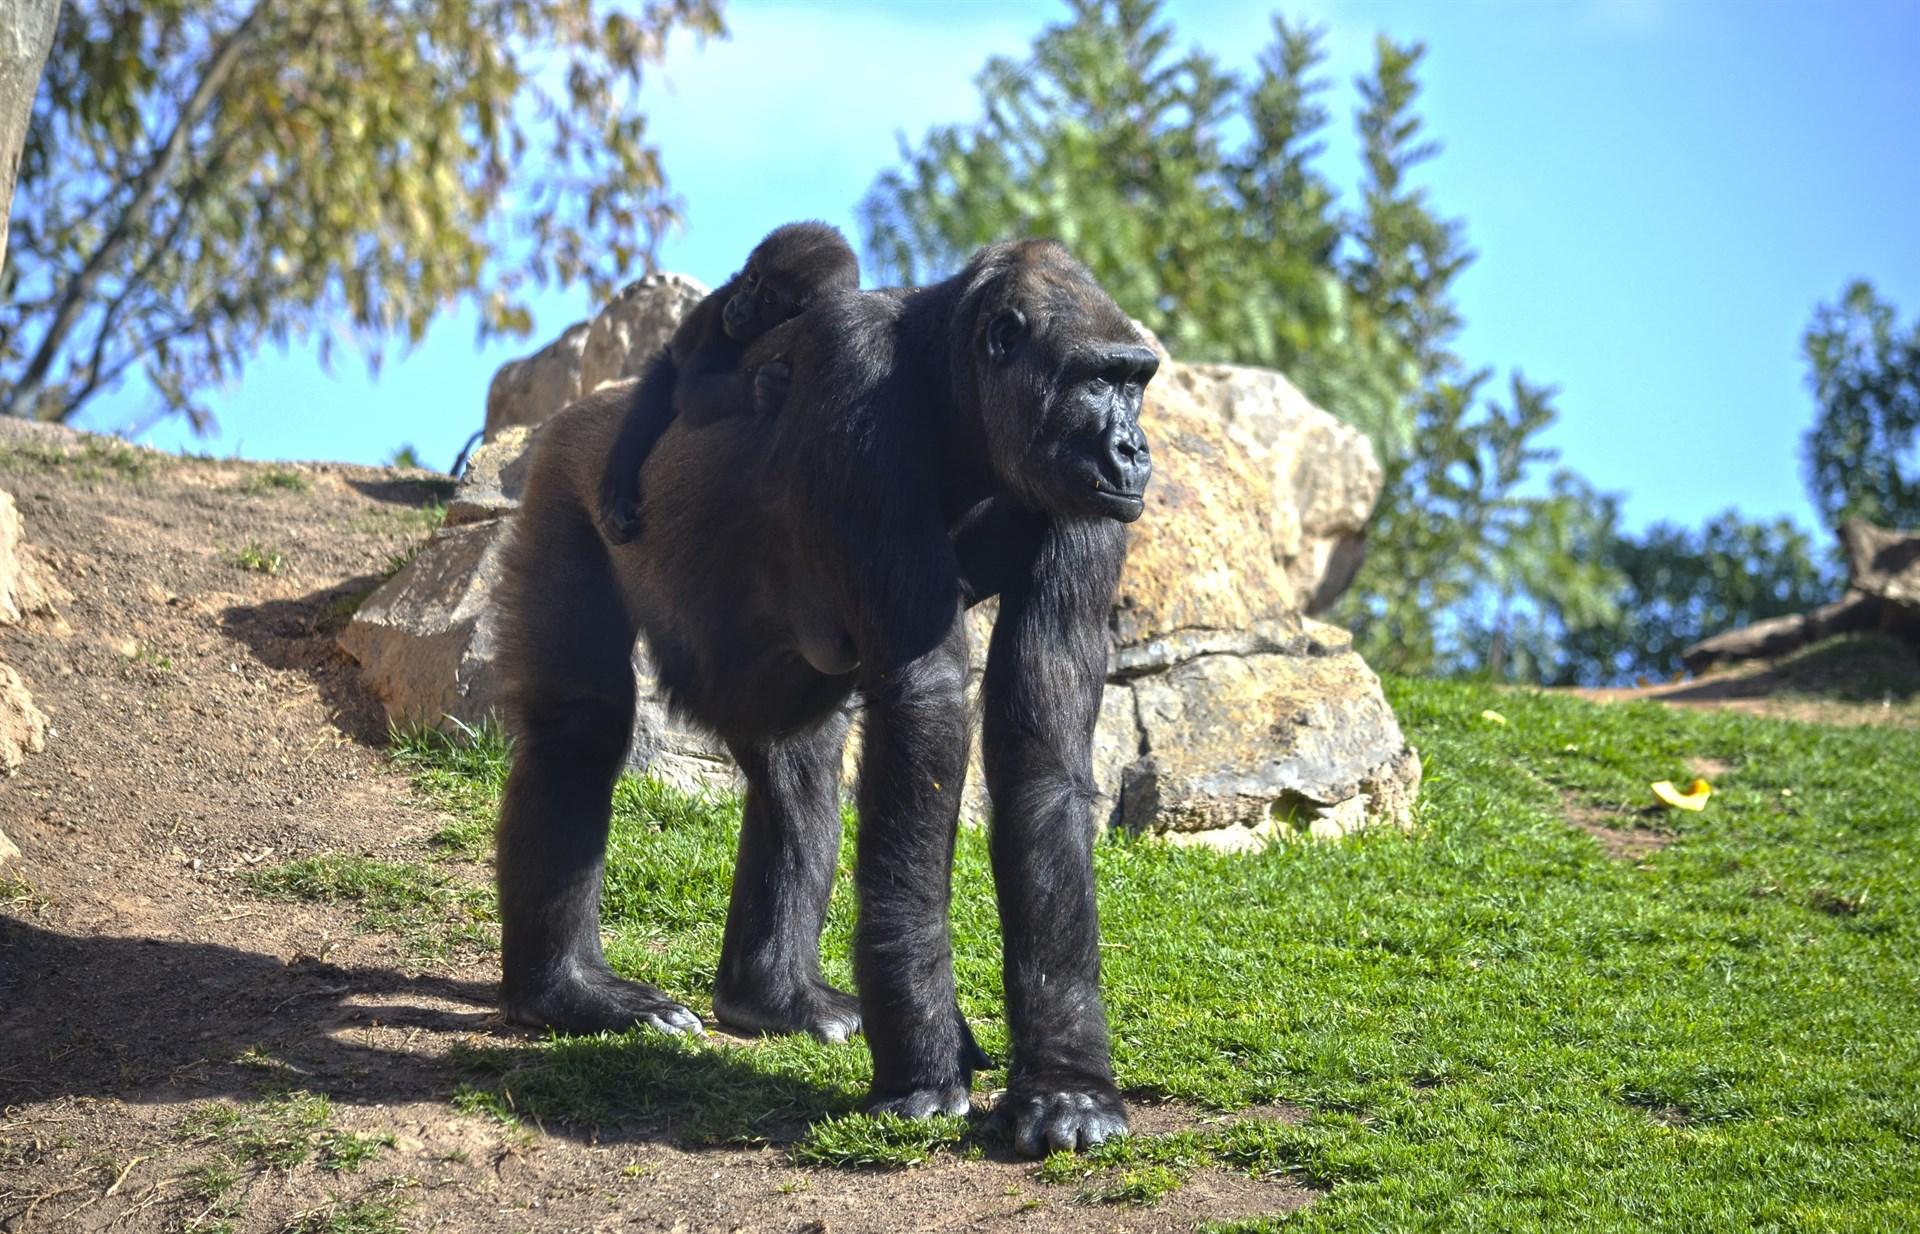 Bioparc celebra este fin de semana su 10º aniversario con espectáculos y sorpresas para visitantes y animales